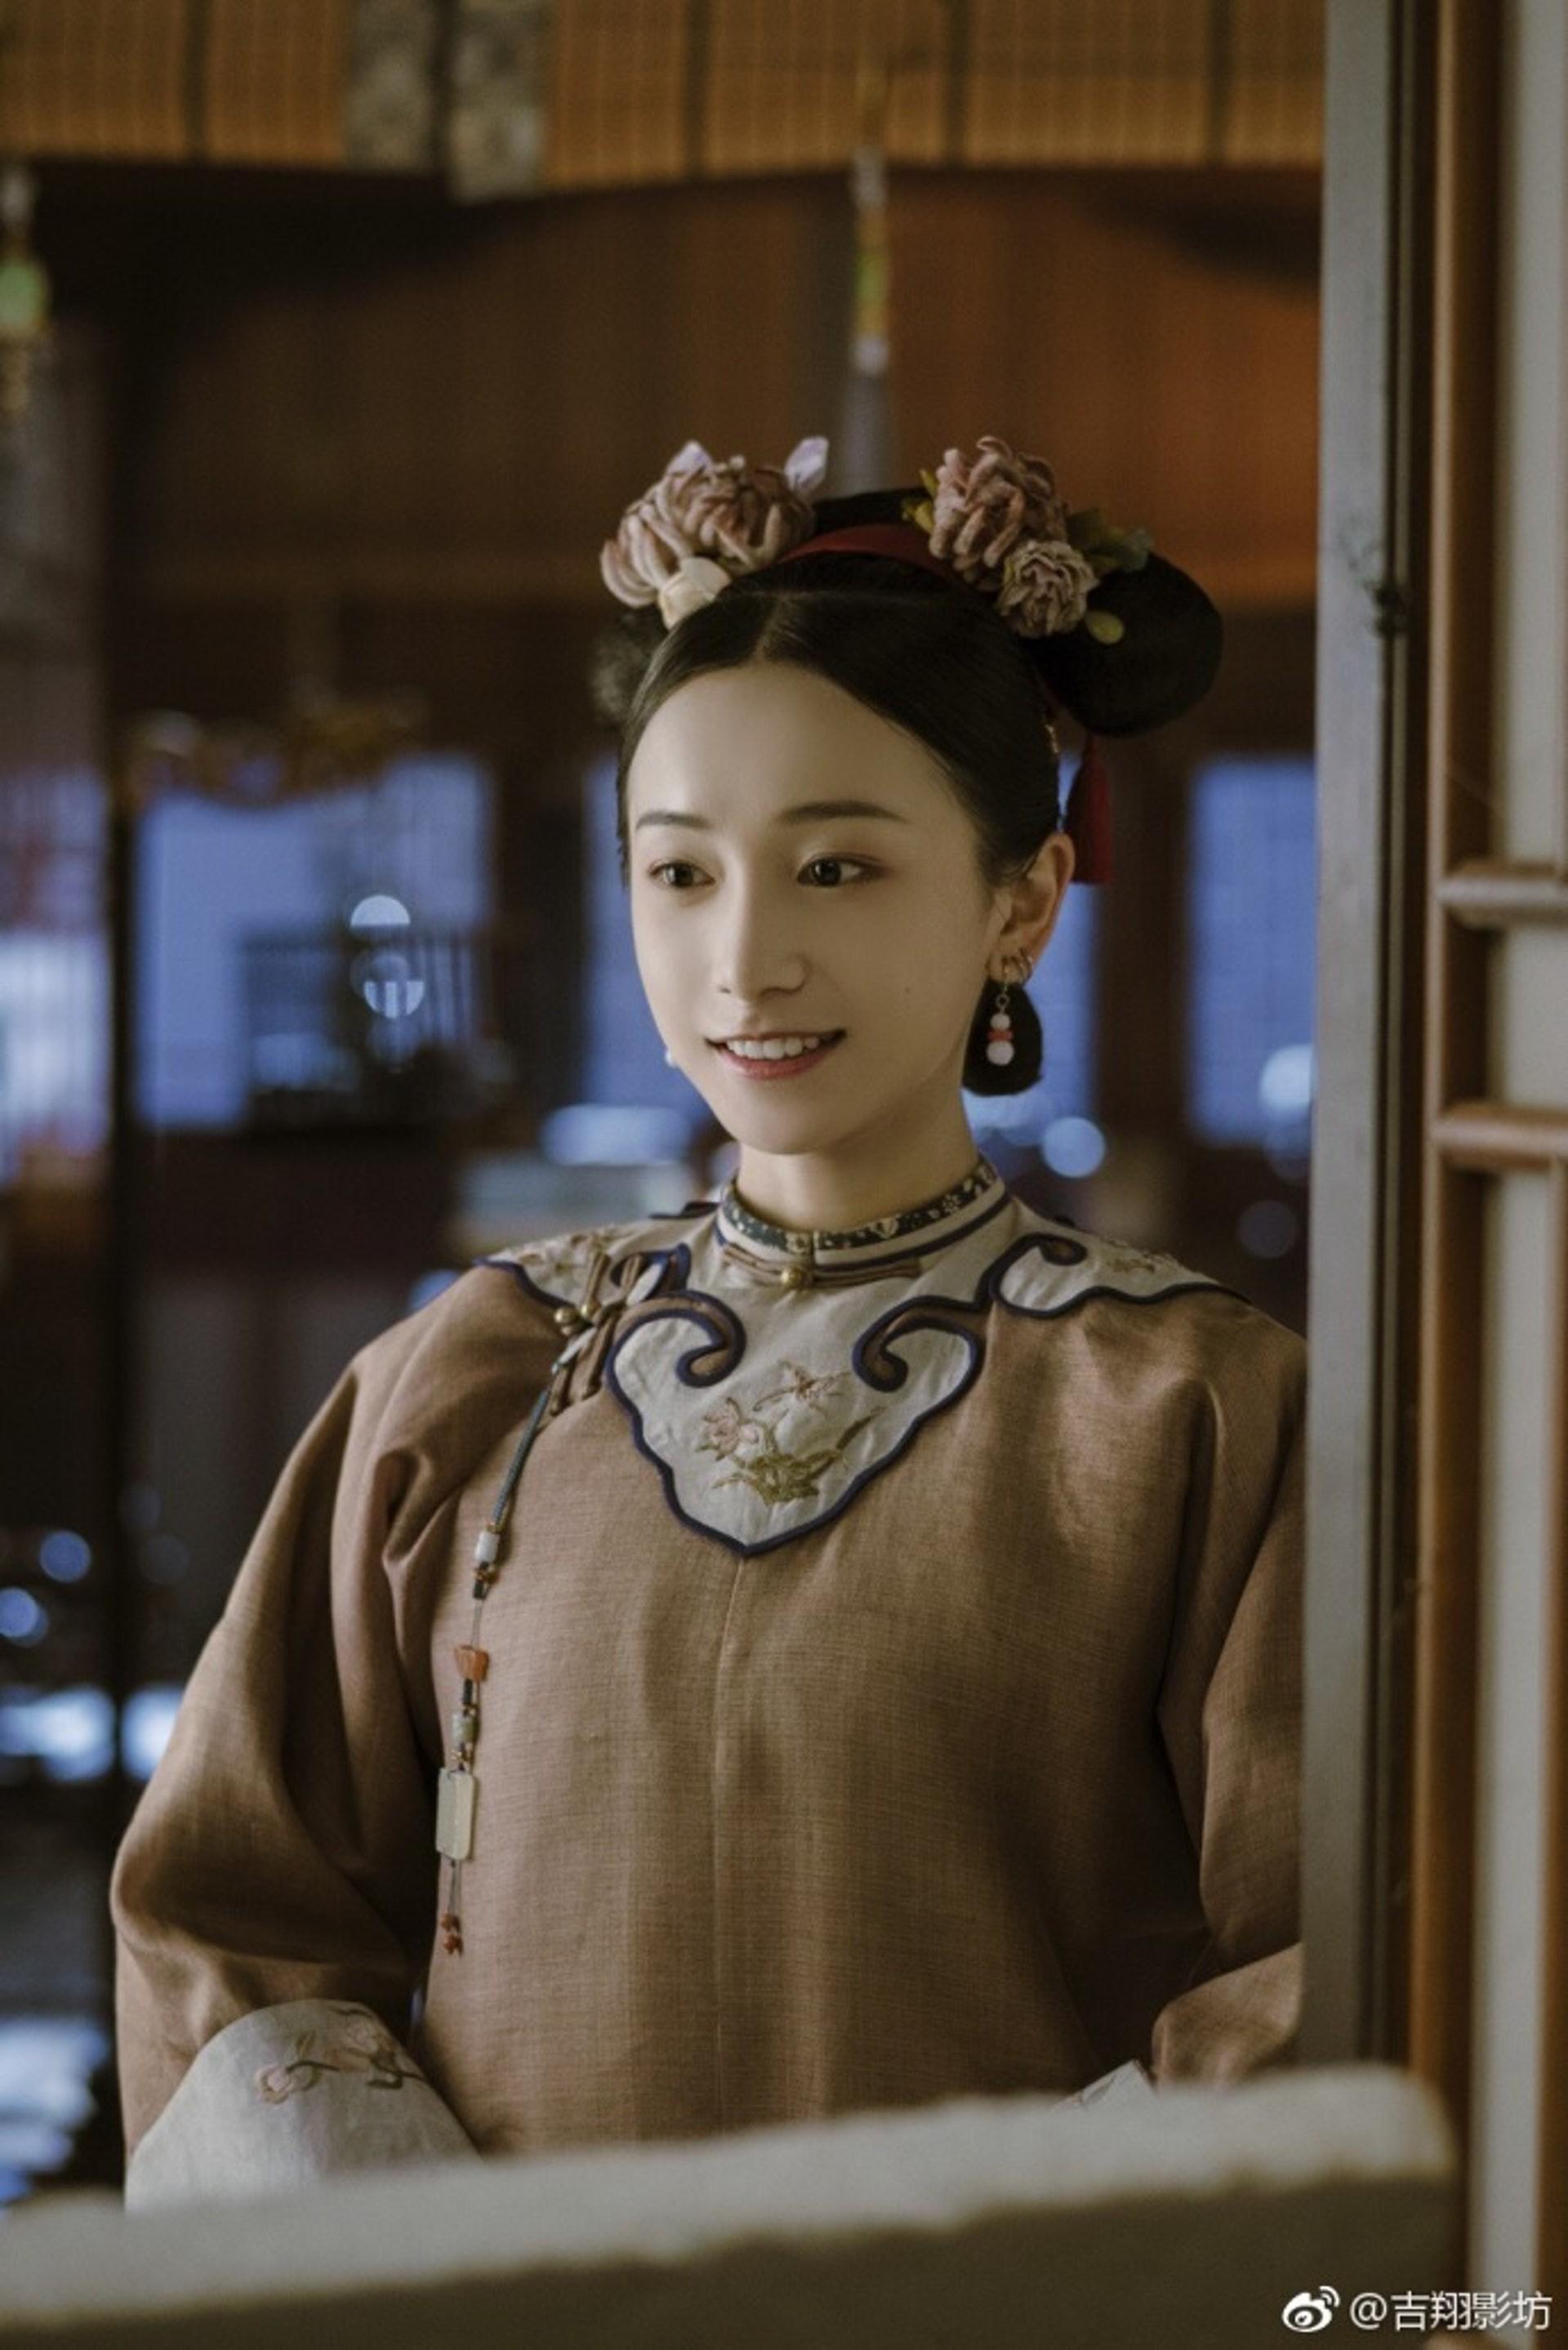 """Đáng yêu nhất """"Diên Hi Công Lược"""", Minh Ngọc ngoài đời sở hữu nét đẹp trong trẻo cùng style dễ thương hết phần người khác - Ảnh 1."""